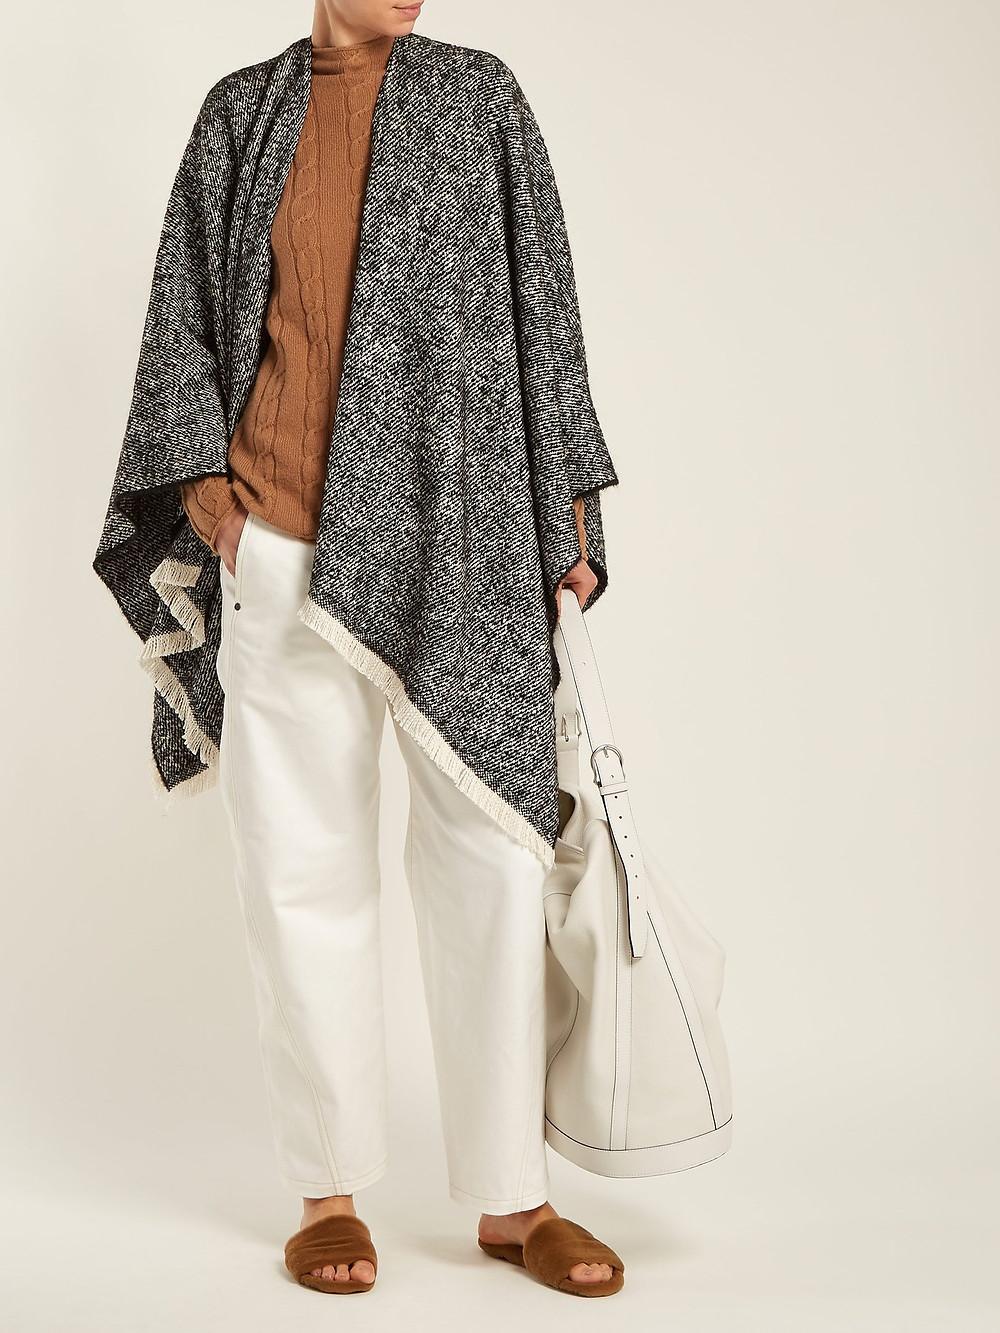 Weened Max Mara Fringe-trim knitted poncho $215